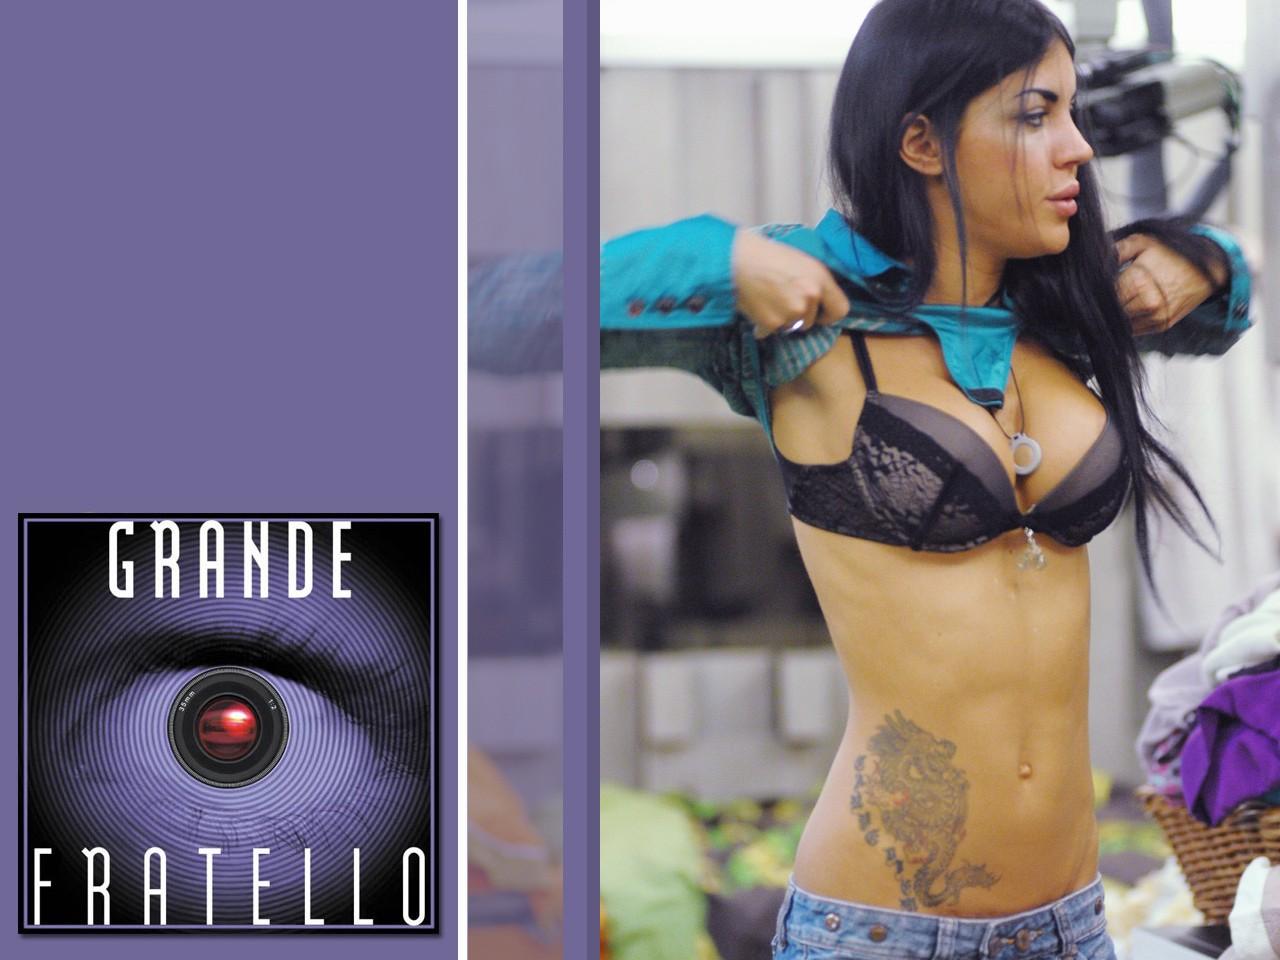 Wallpaper Grande Fratello 10, Veronica si spoglia davanti a uno specchio.